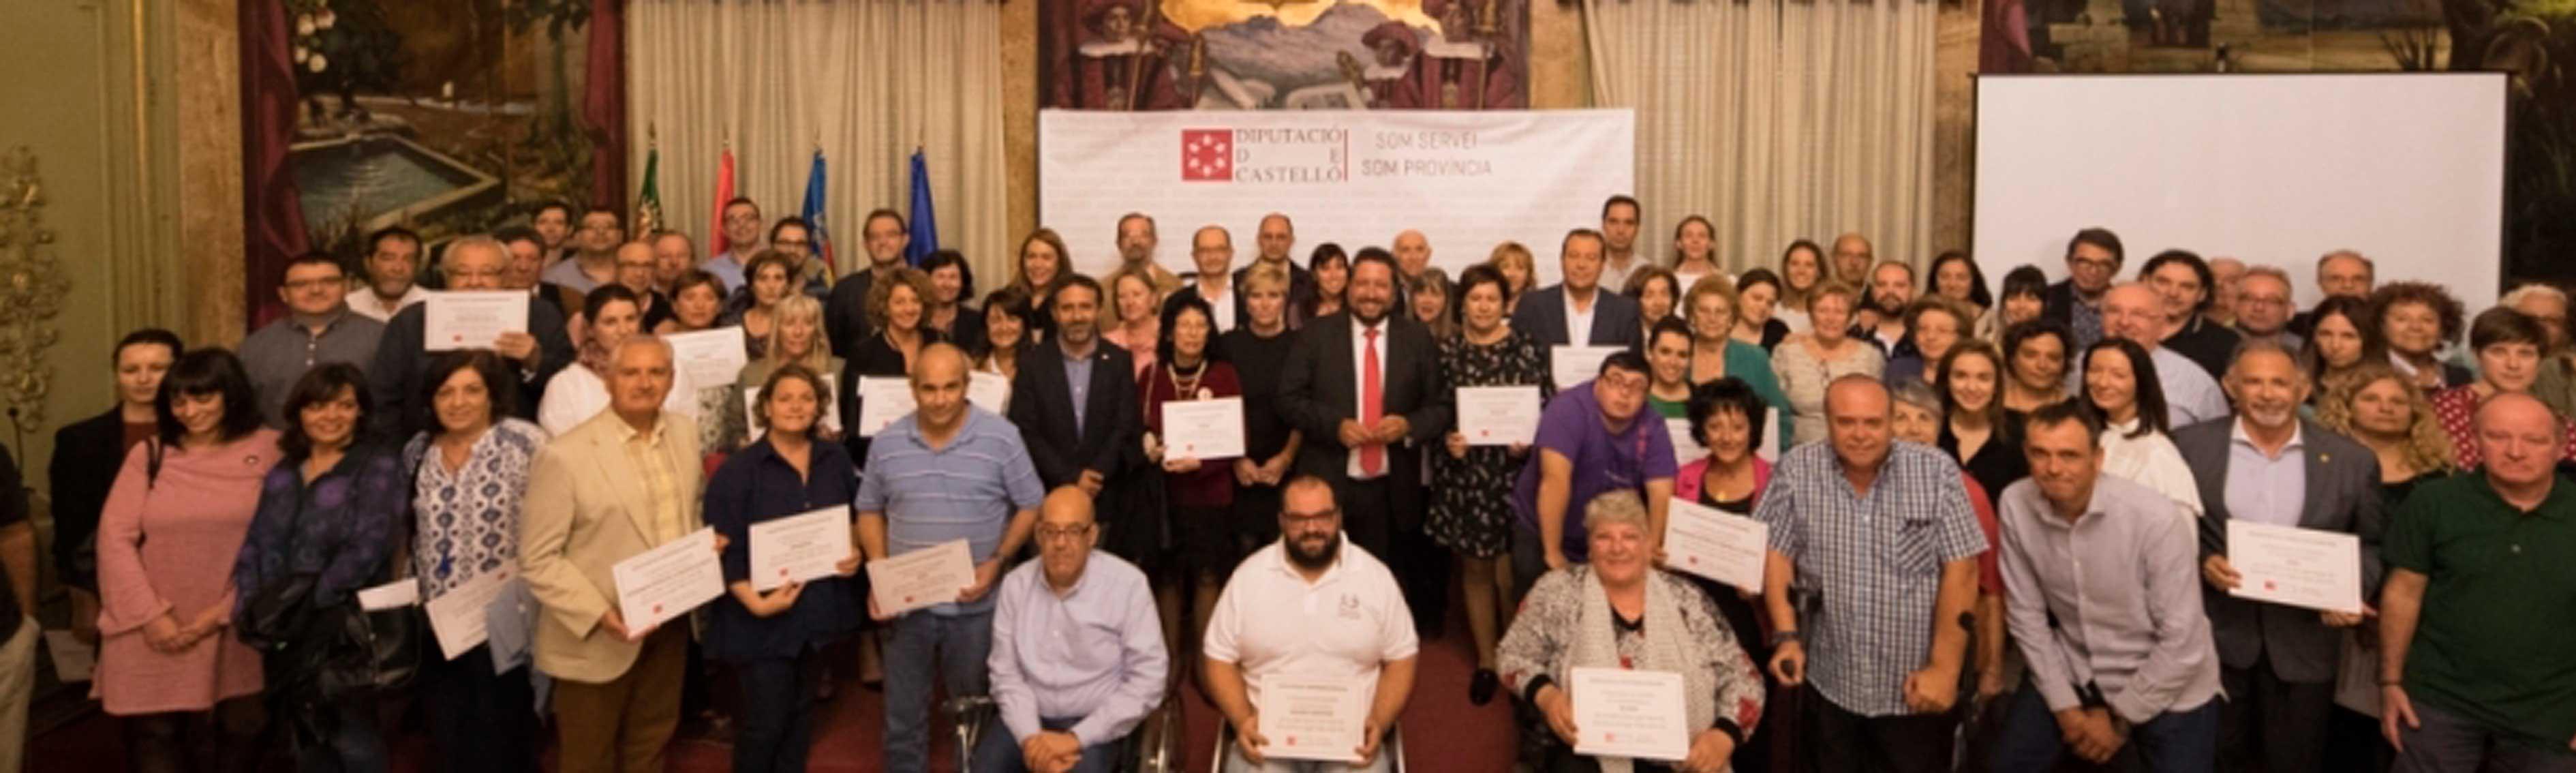 Subvención Diputación de Castellón